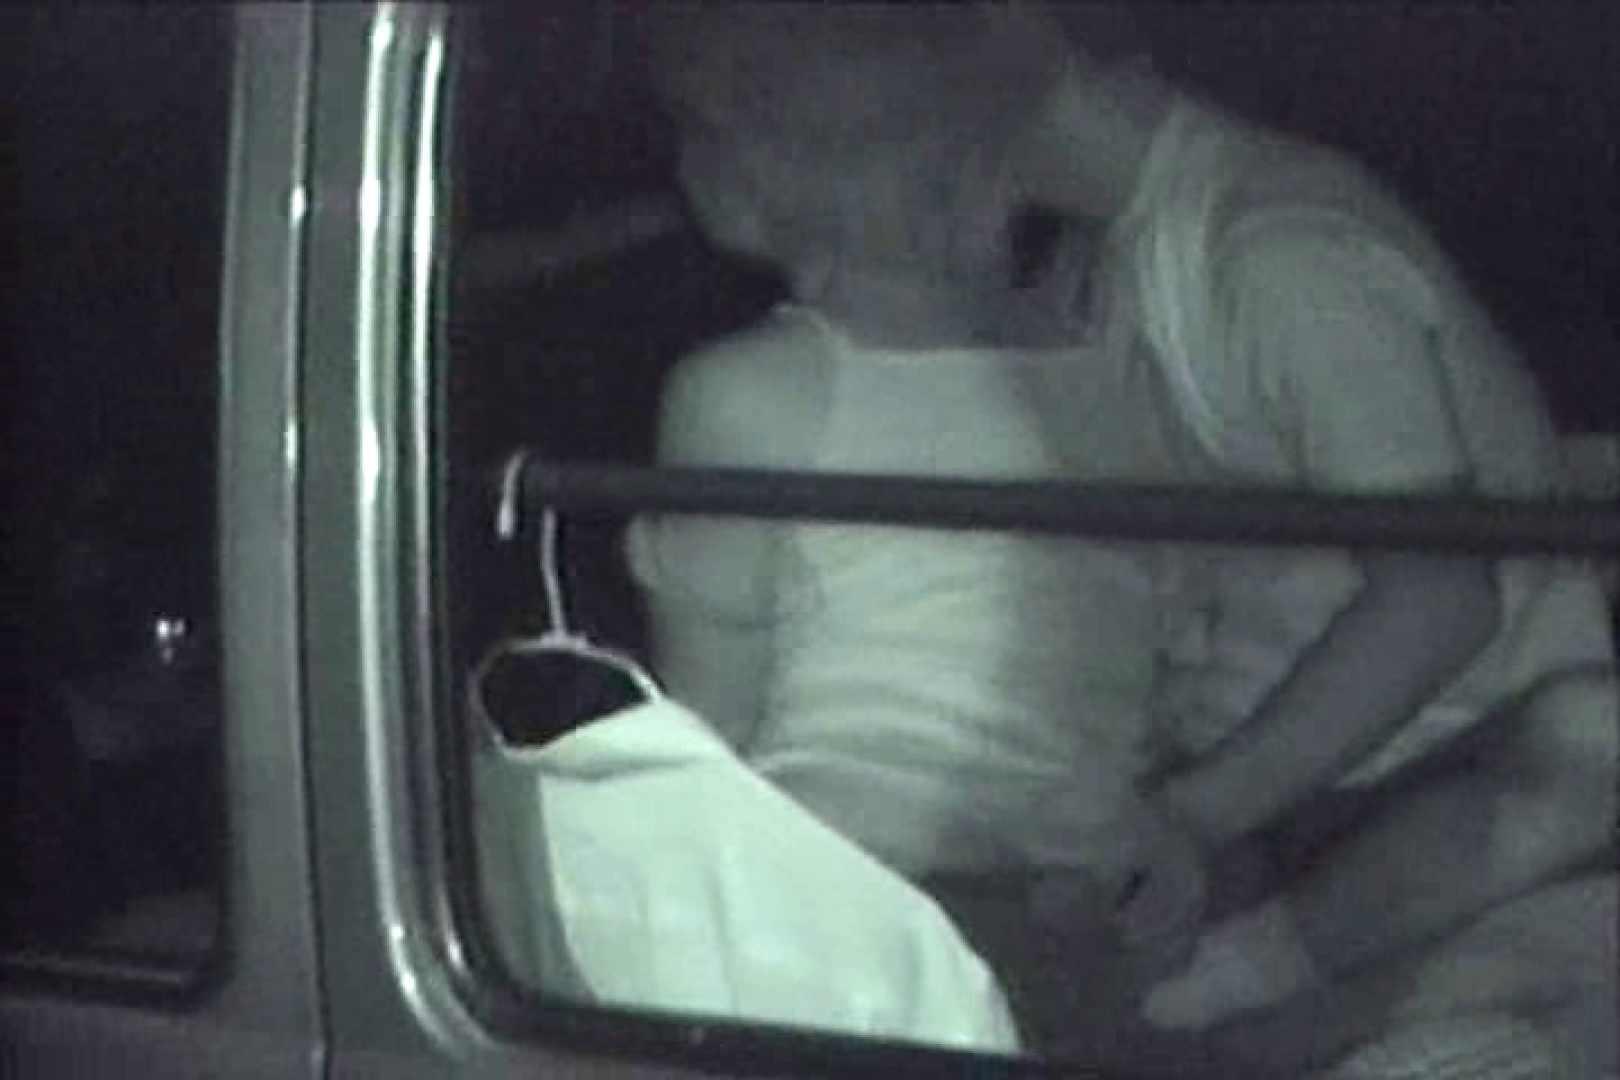 車の中はラブホテル 無修正版  Vol.18 ホテル隠し撮り オマンコ動画キャプチャ 100pic 19